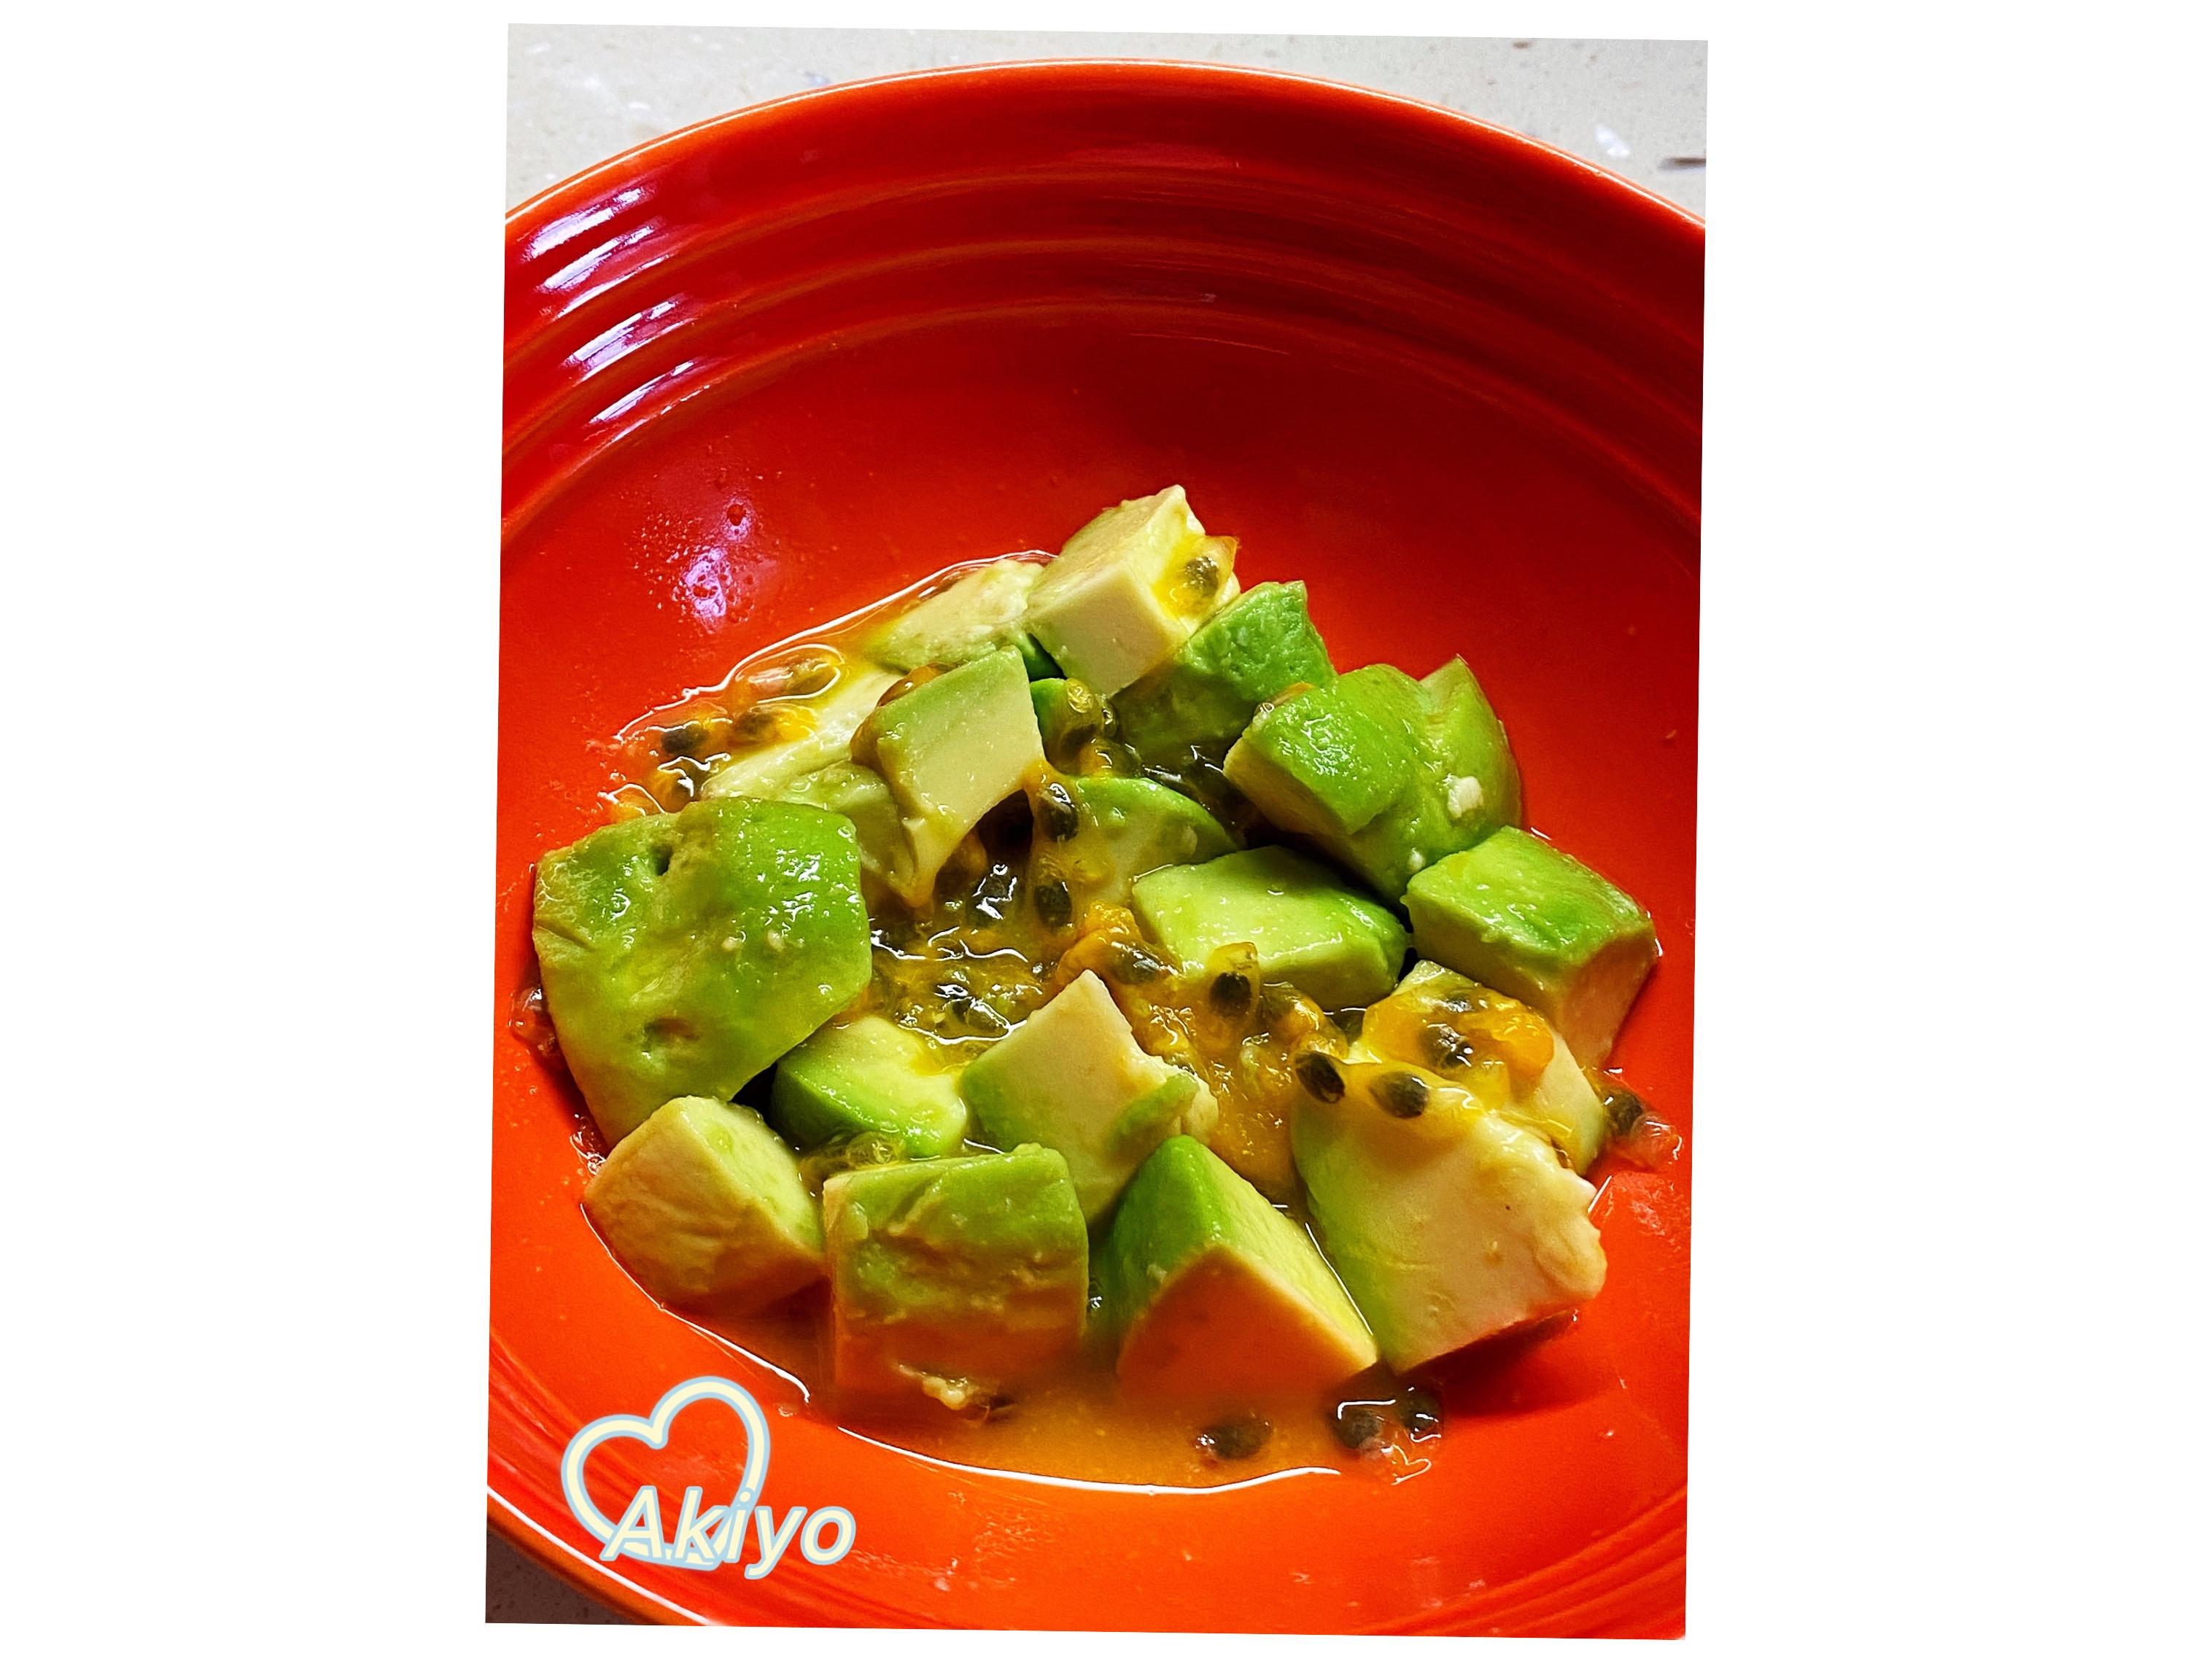 酪梨百香果 懶人料理 營養豐富的早餐